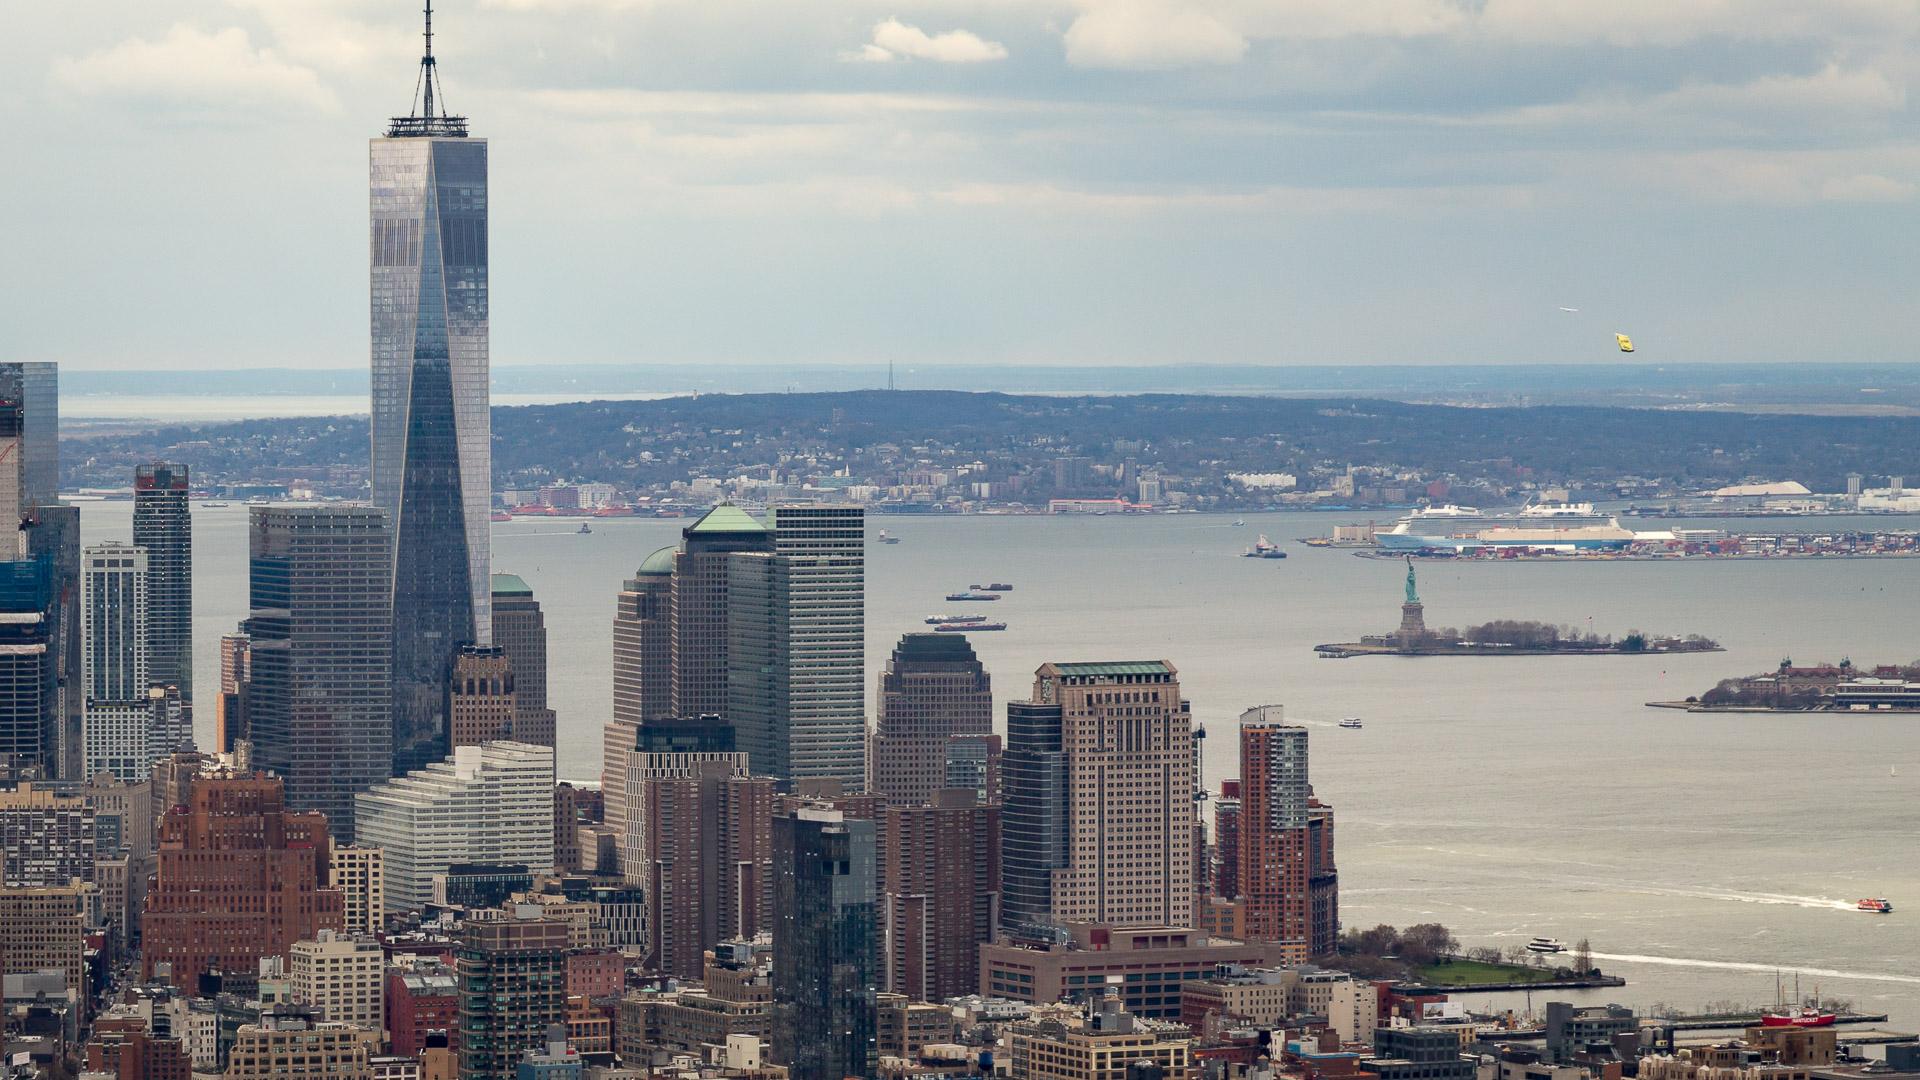 Der Süden Manhattans mit dem One World Trade Center